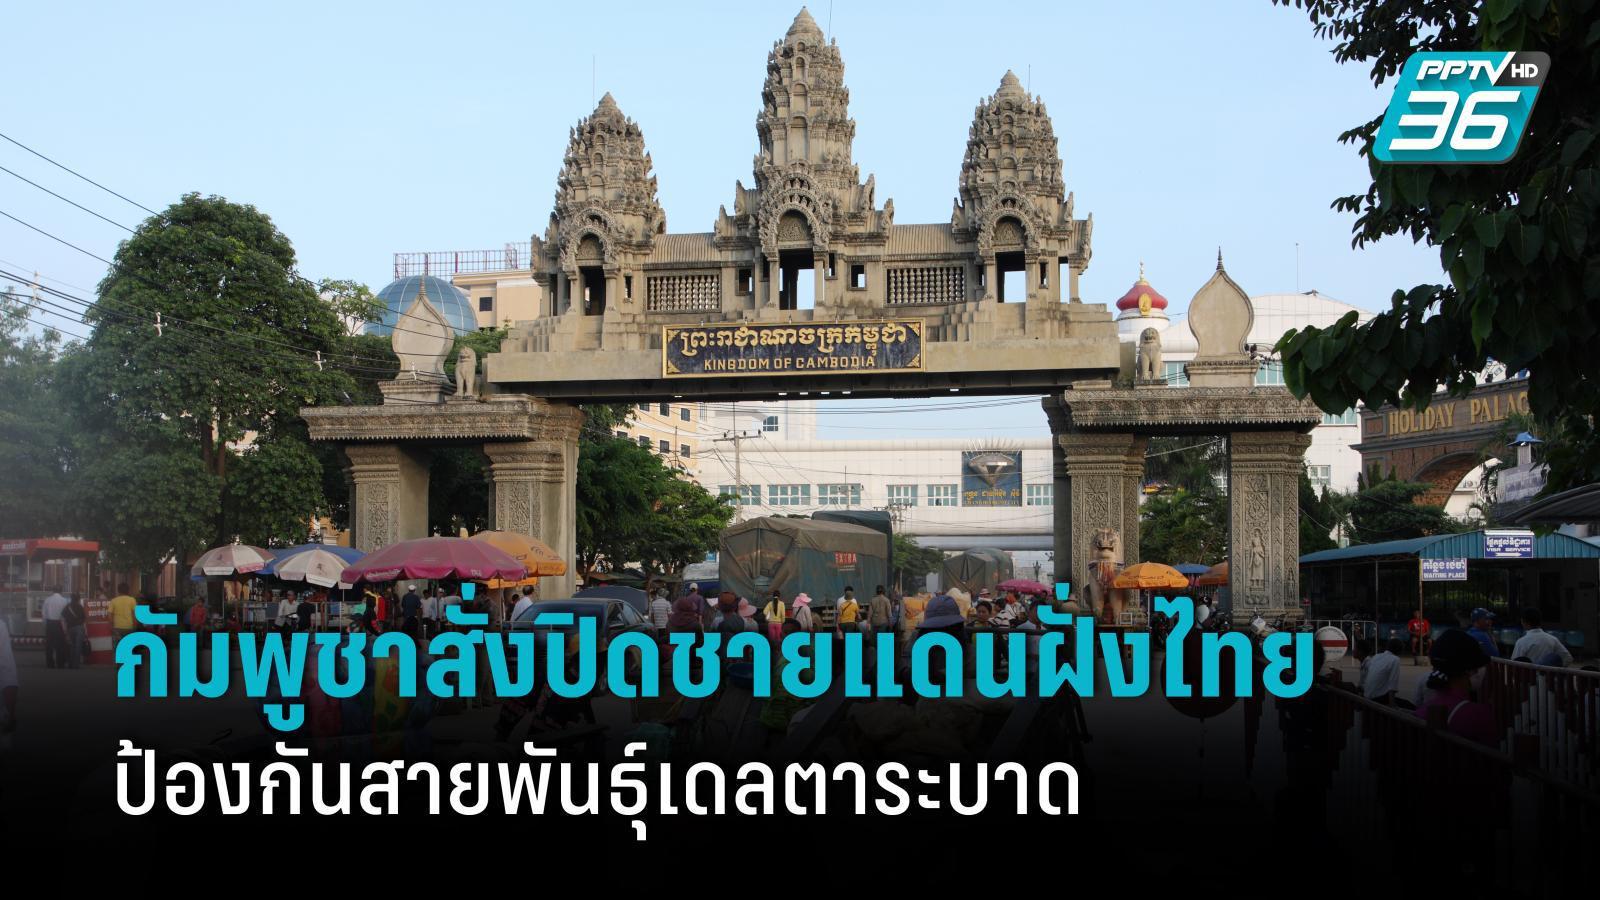 กัมพูชาสั่งปิดชายแดนฝั่งไทย ป้องกันโควิด-19 สายพันธุ์เดลตา